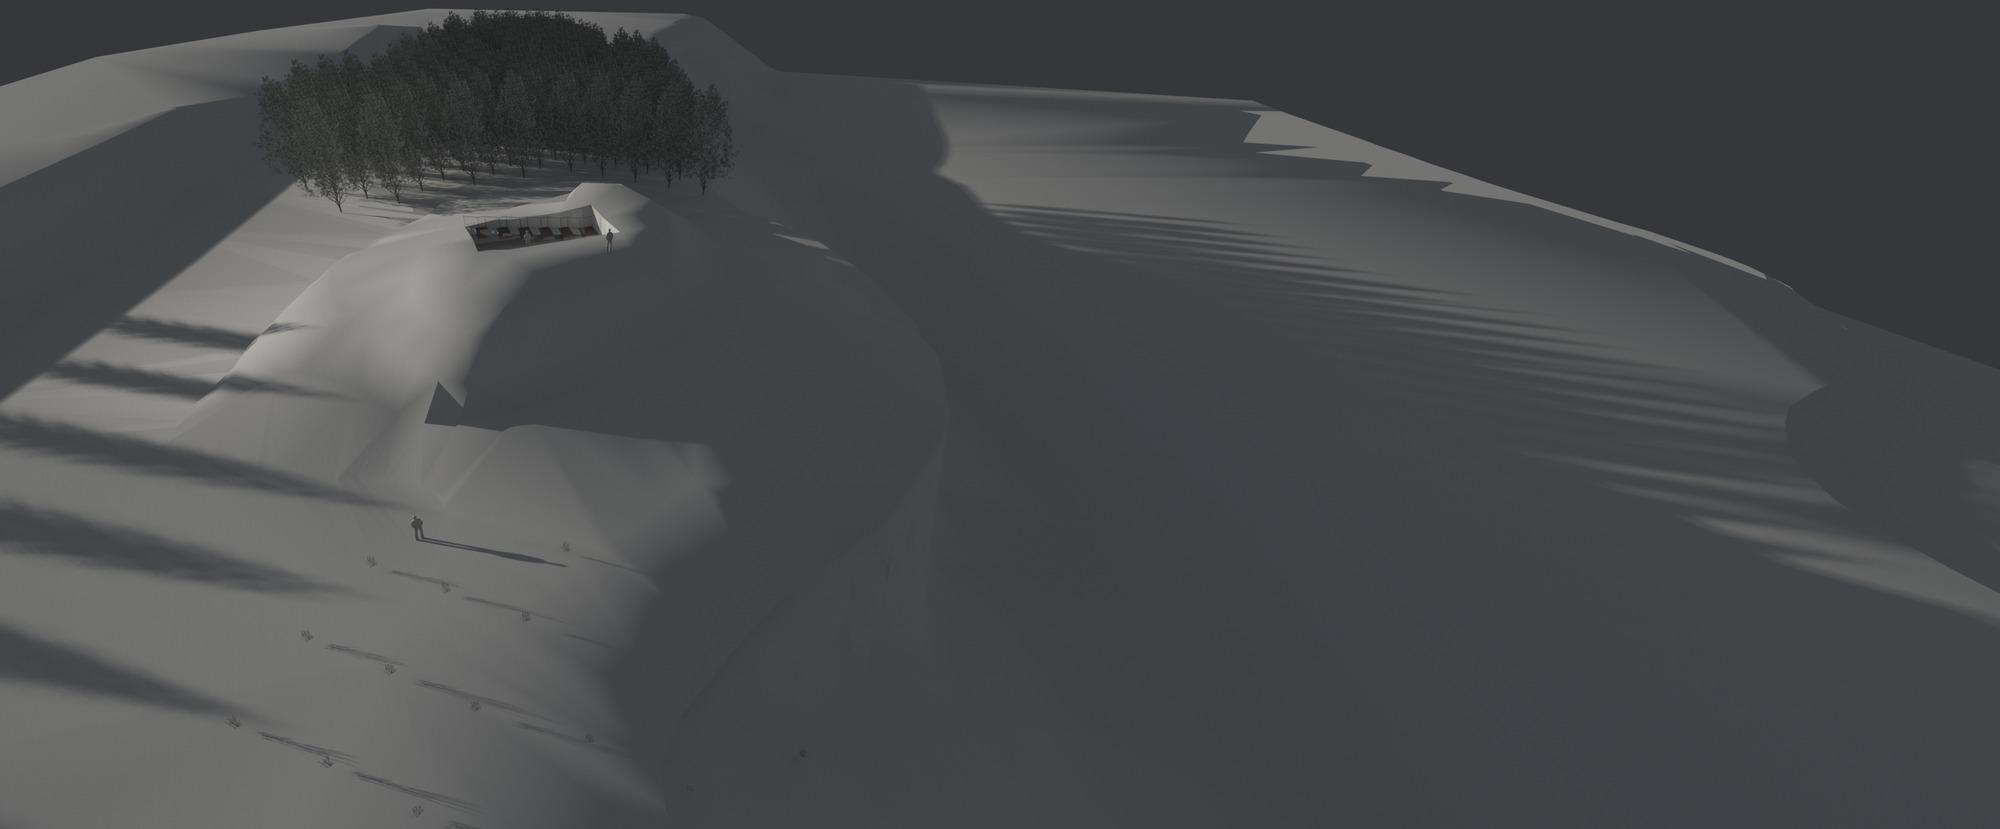 Raas-rendering20141211-8722-5ti3y6